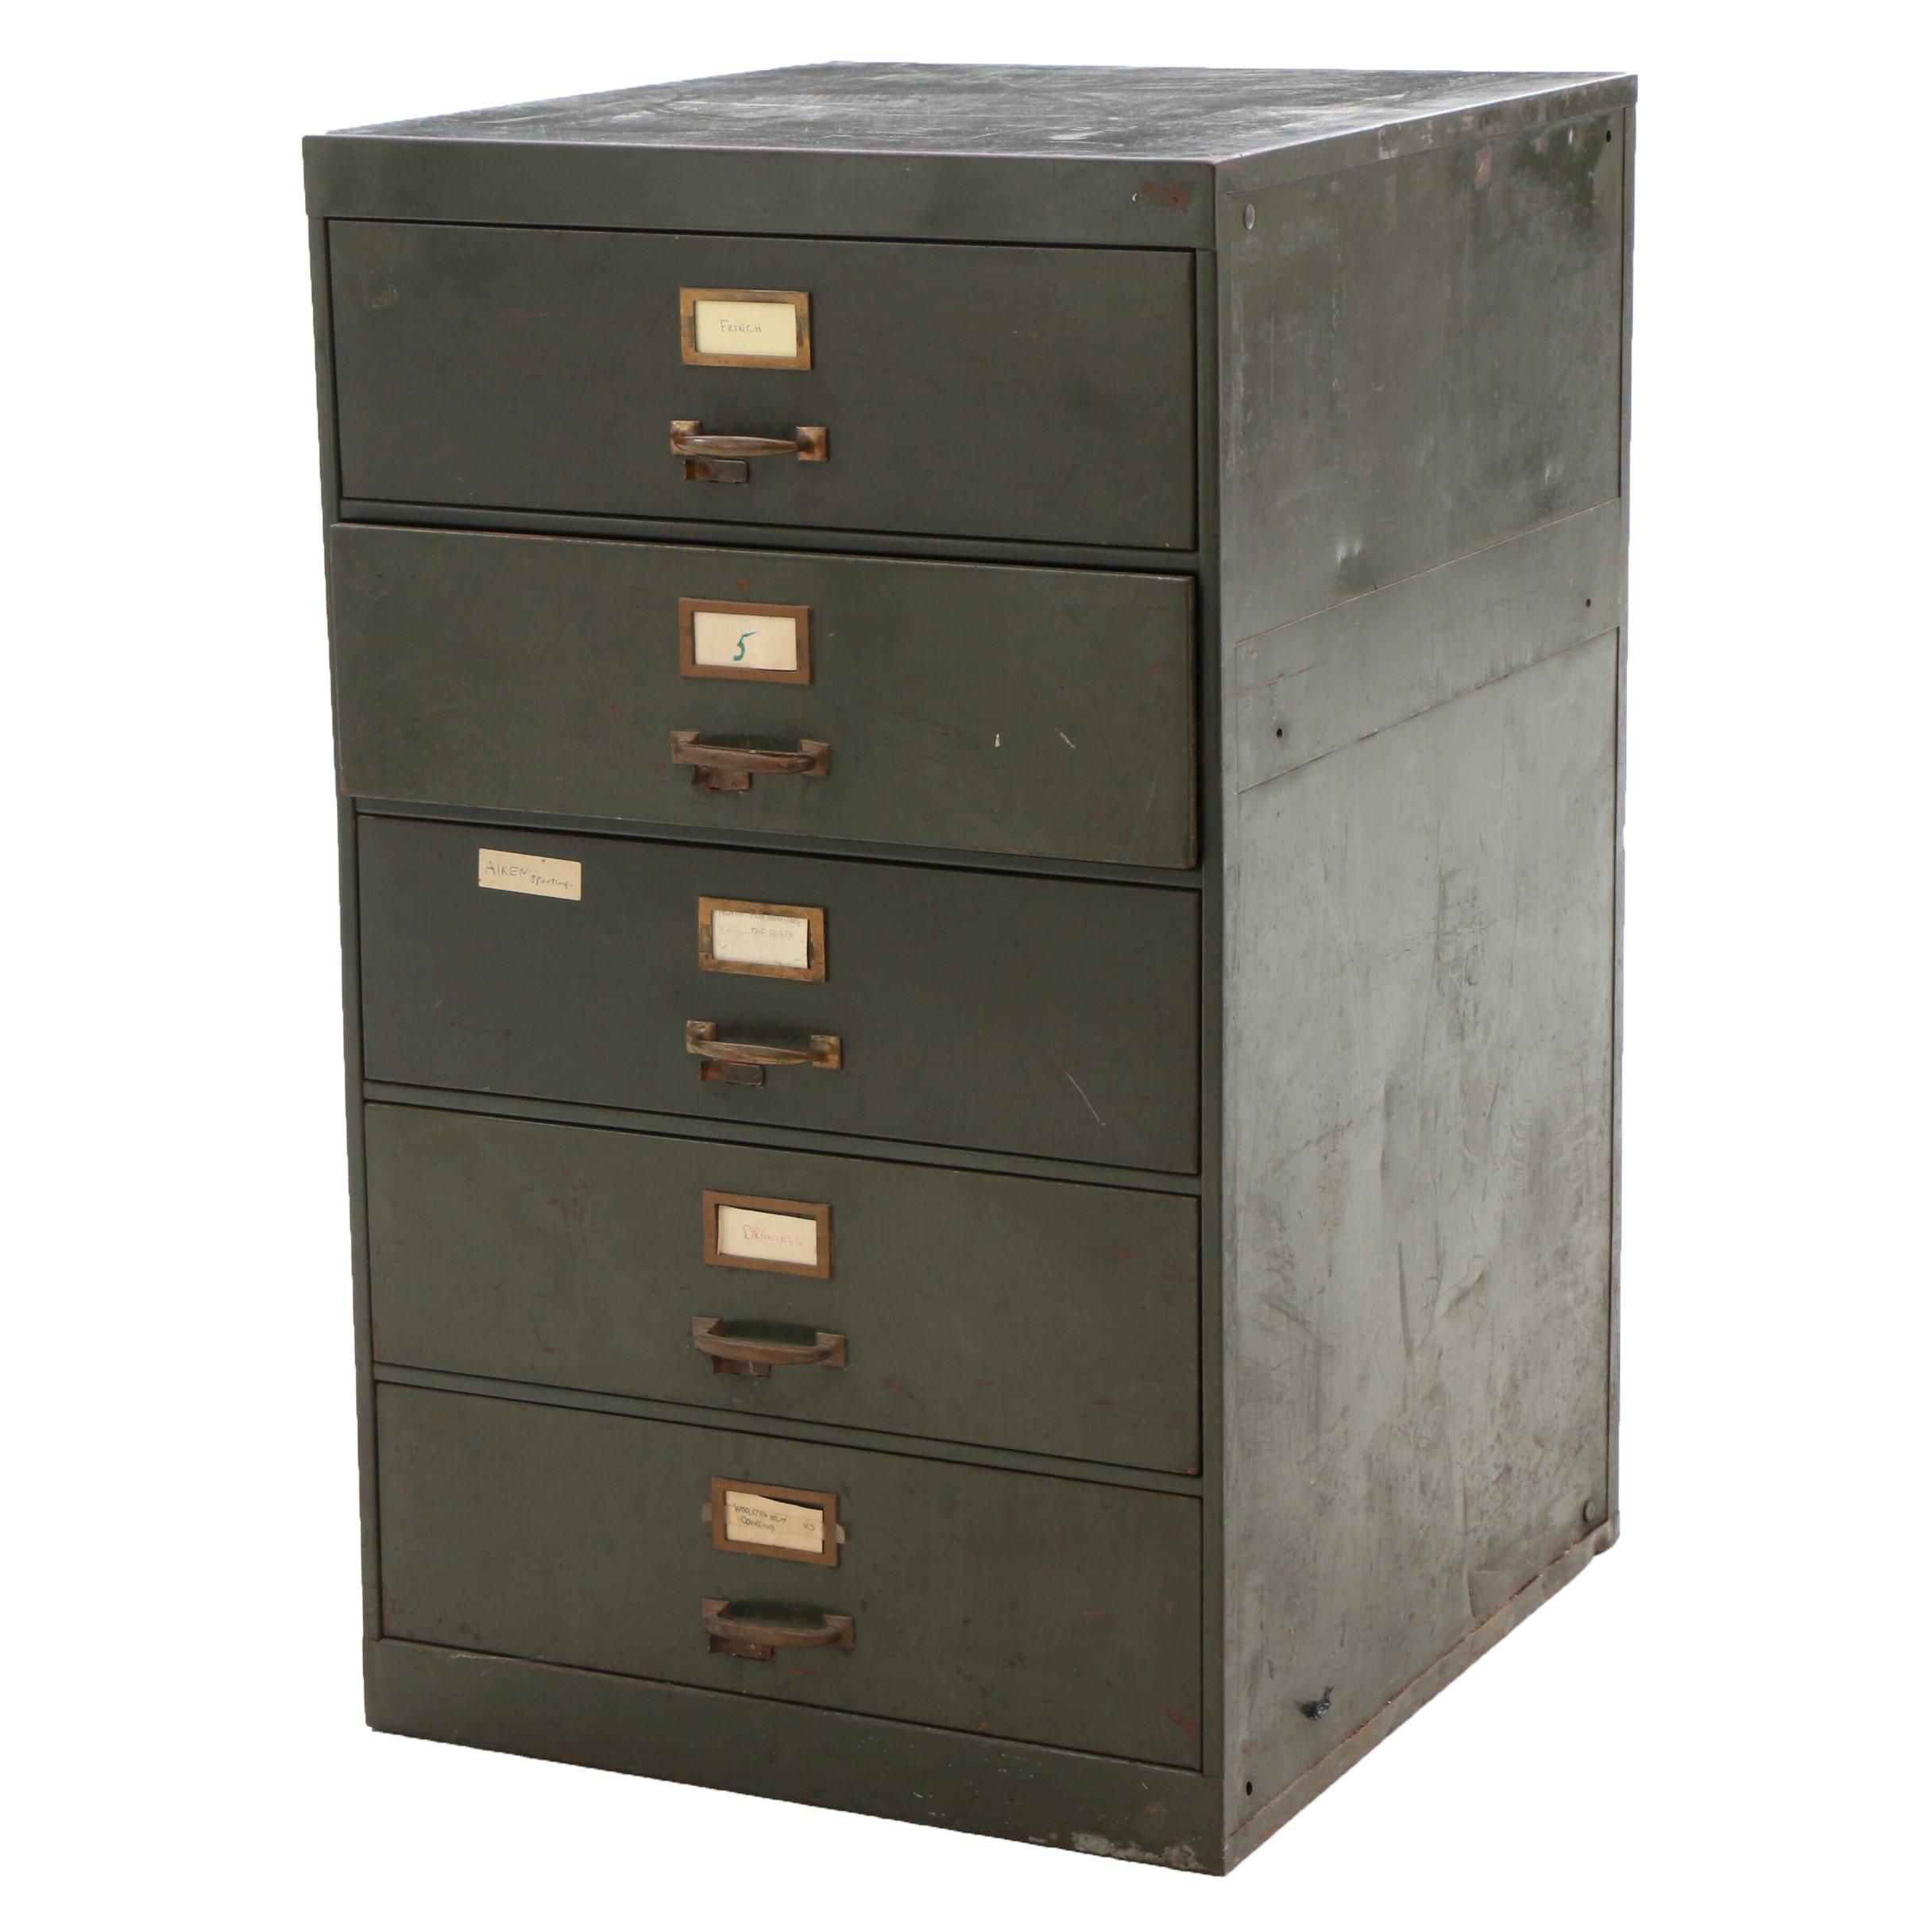 Vintage Wide Drawer Metal Filing Cabinet